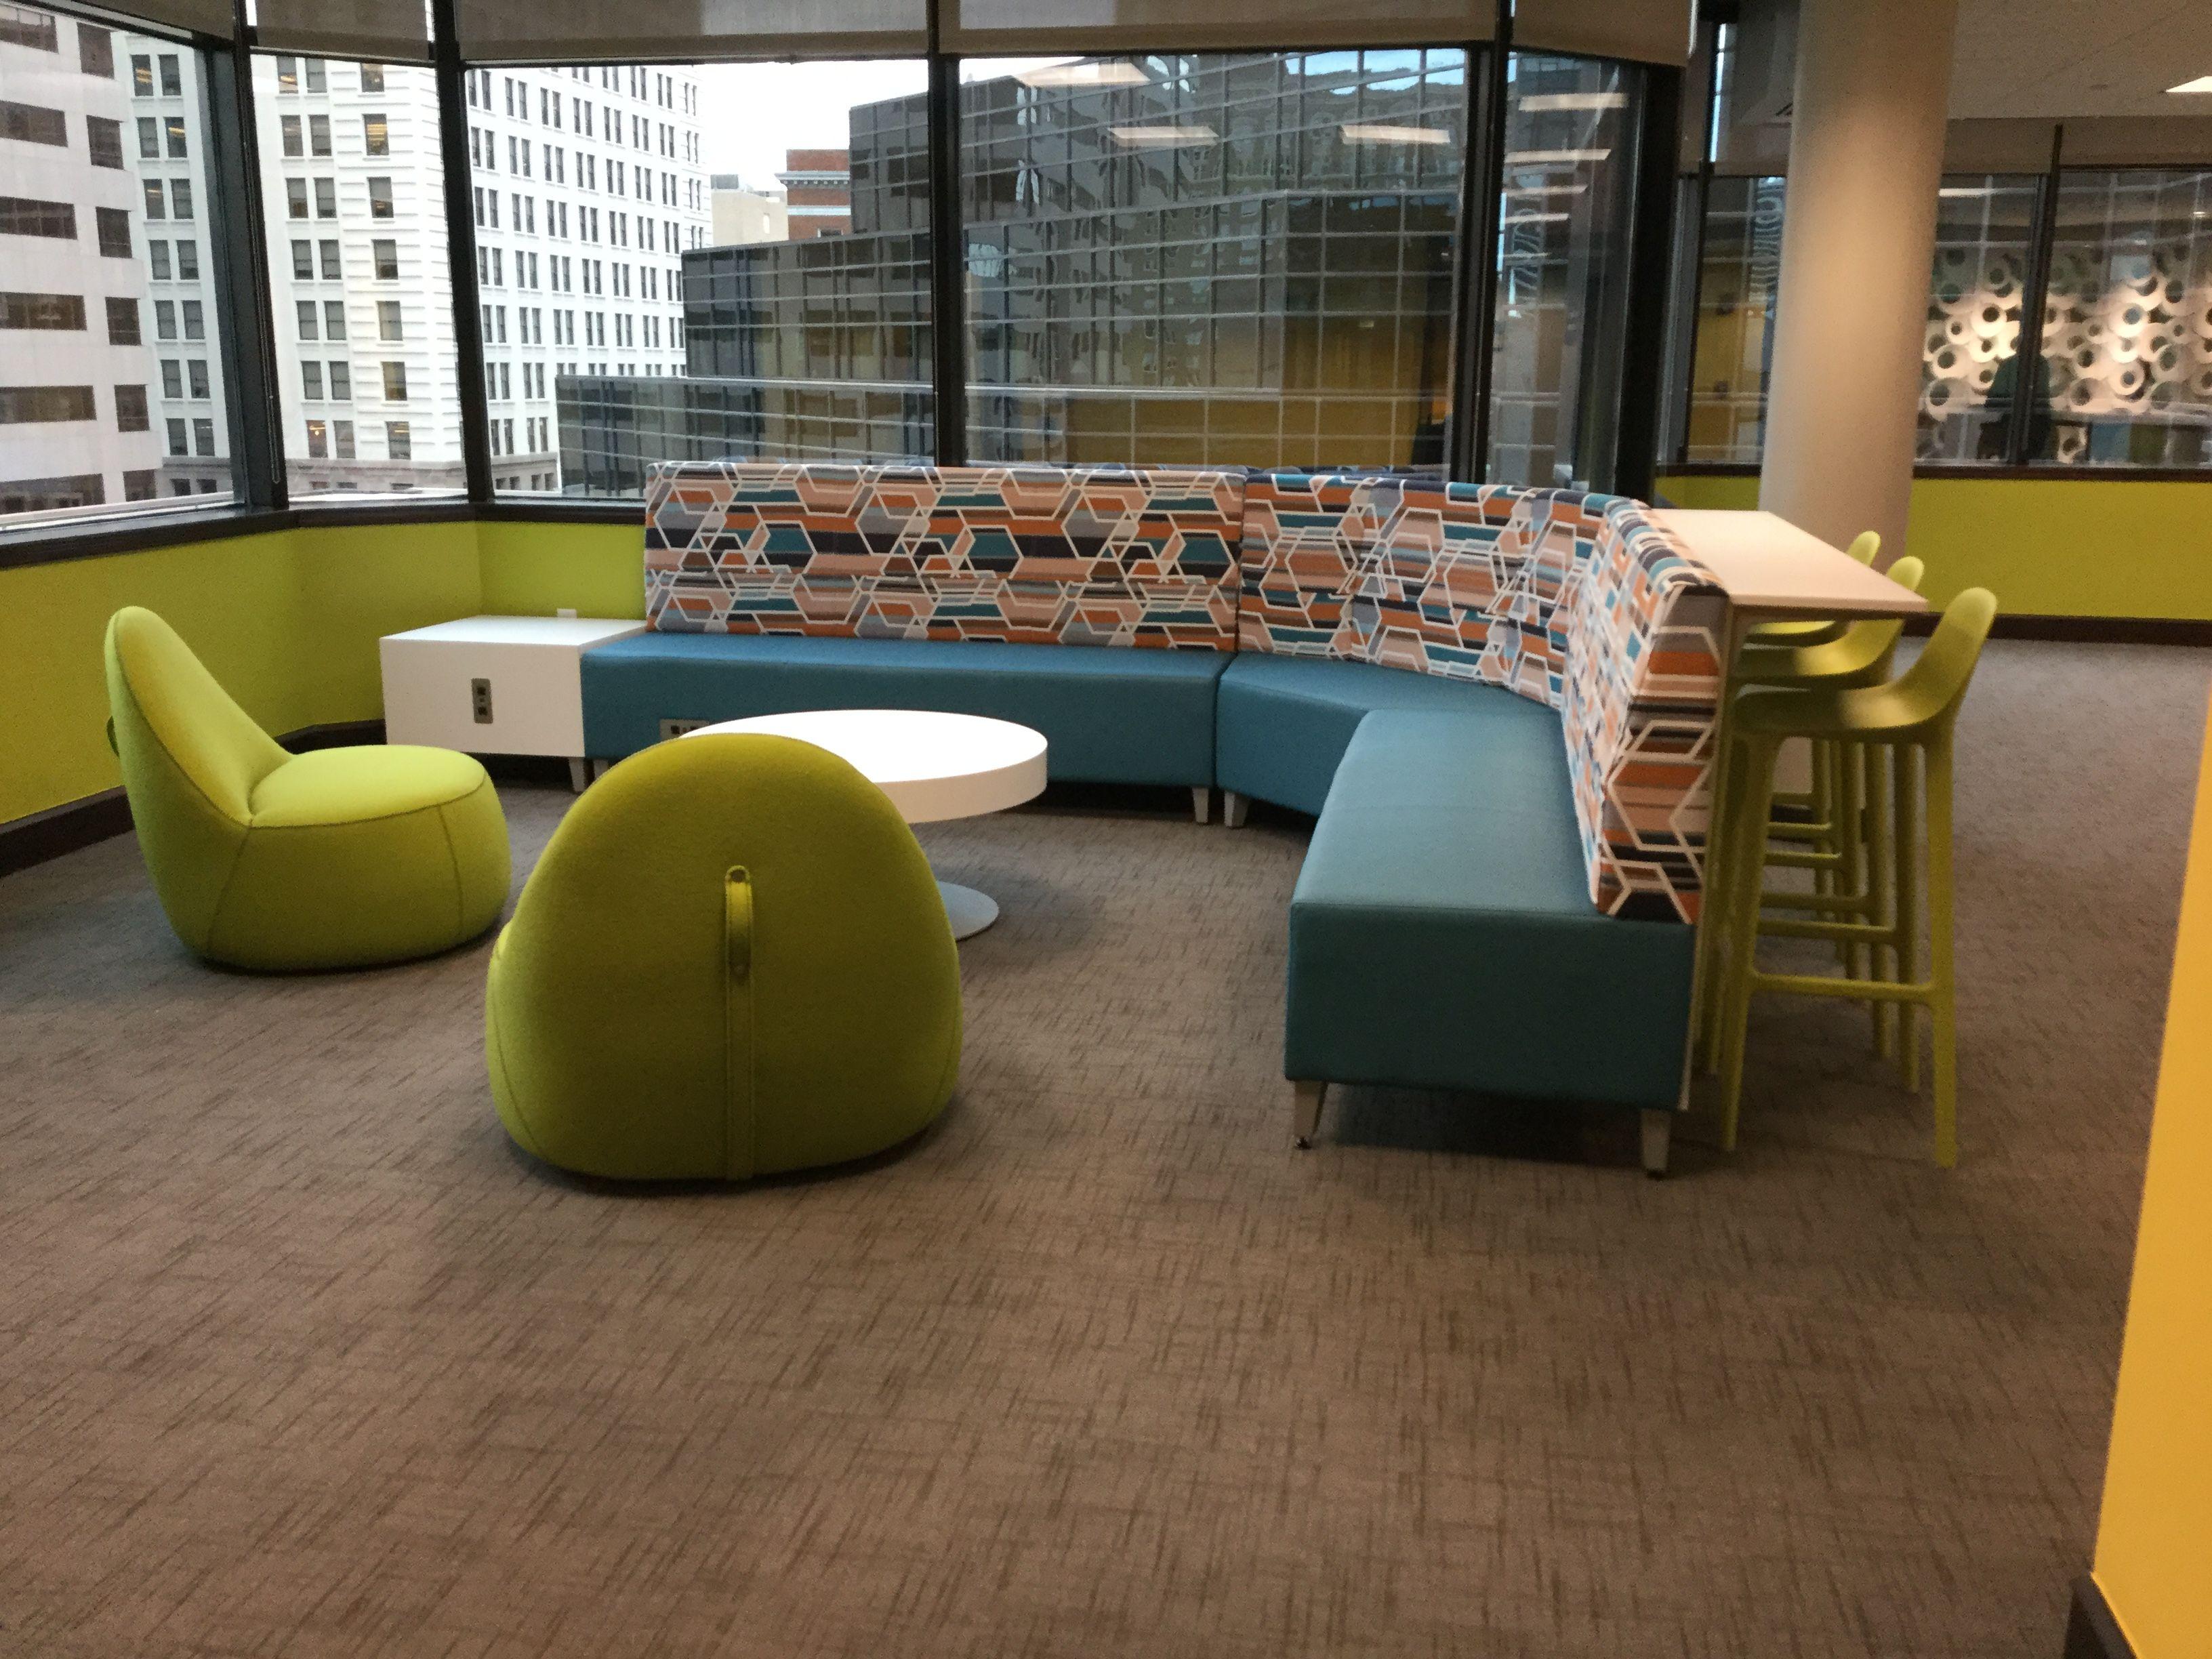 umb bank headquarters kansas city mo fringe lounge seating and rh pinterest com